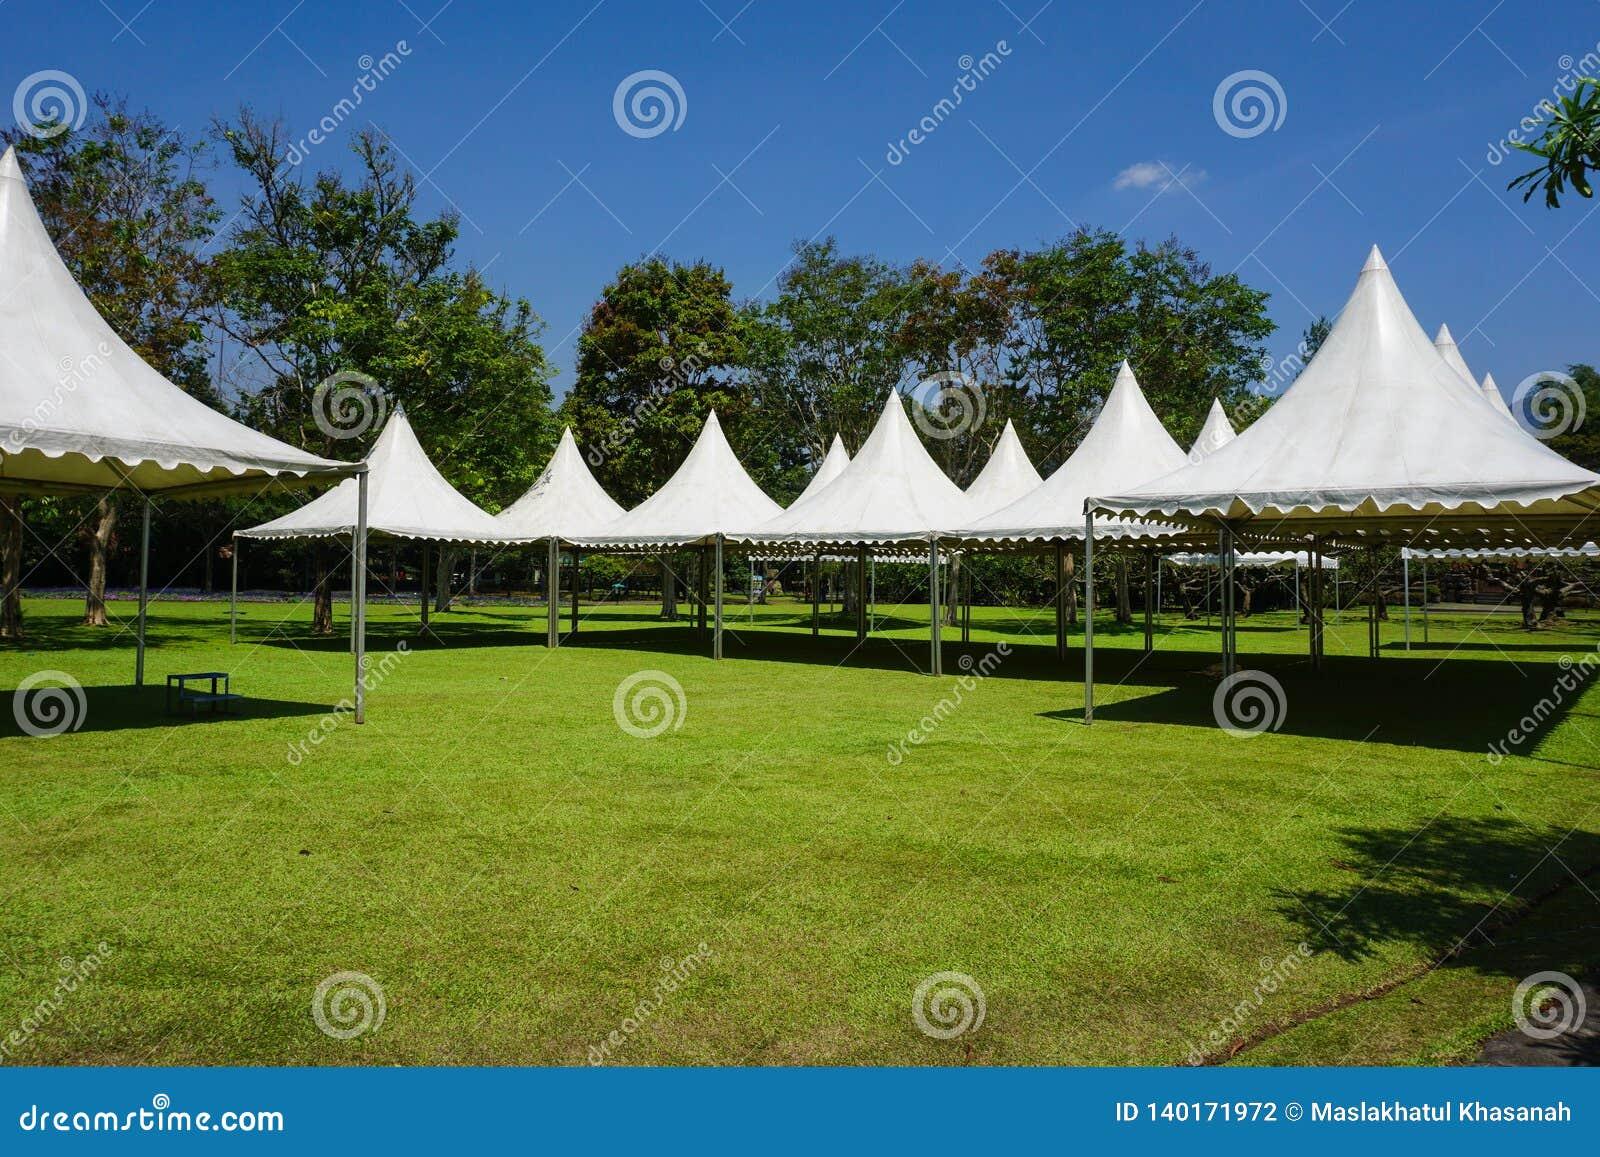 Witte tent in lijn in het tuinpark voor tuinierende partij - bogor van fotoindonesië